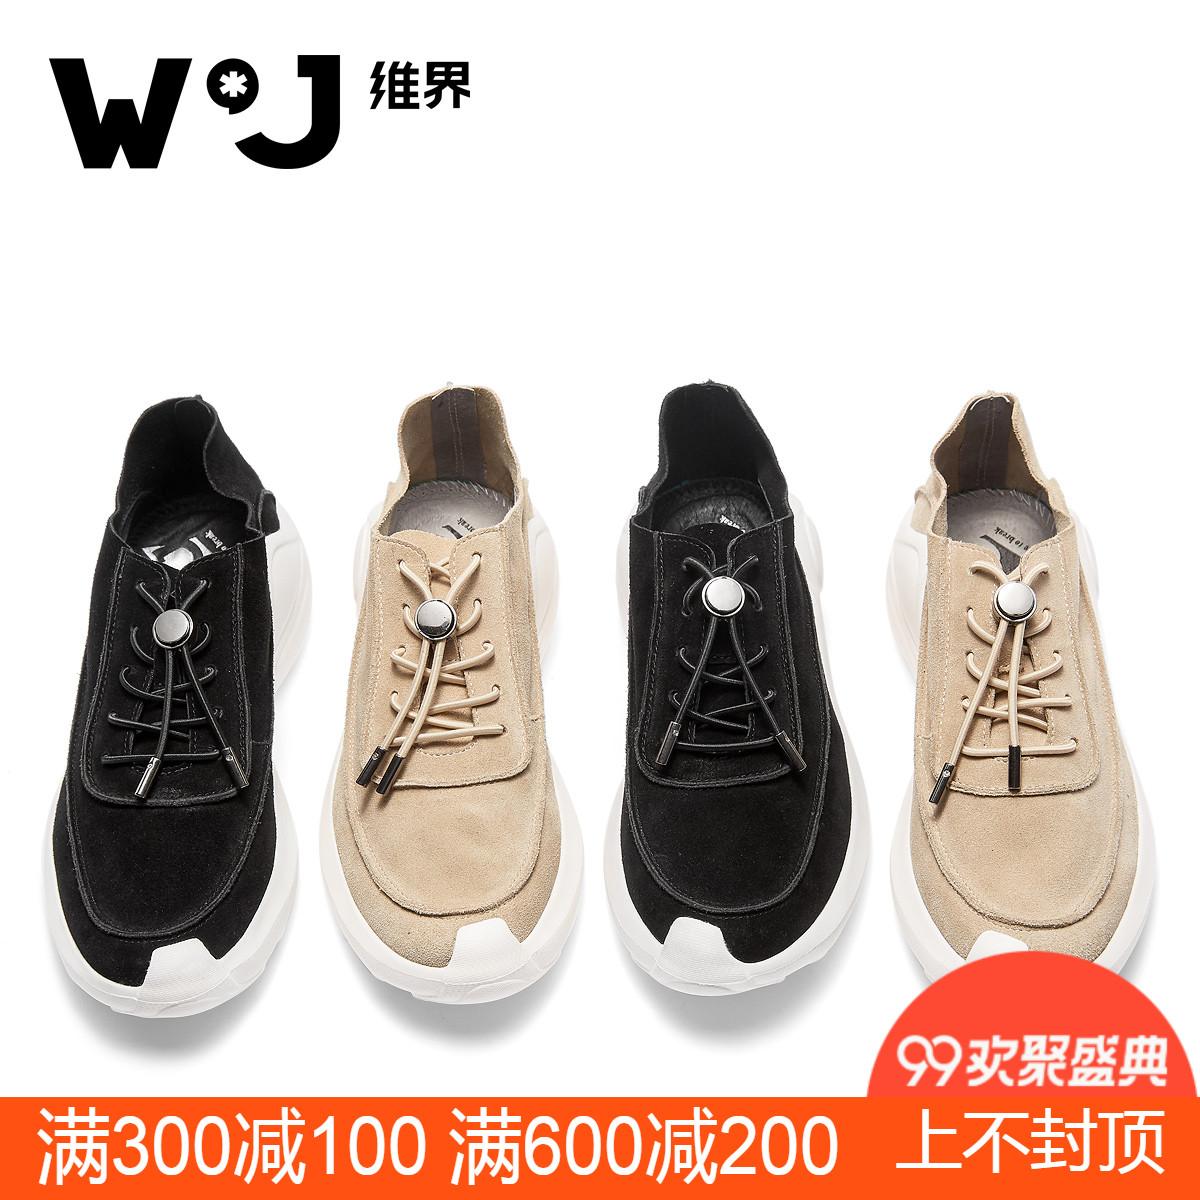 夏季休闲韩版增高板鞋